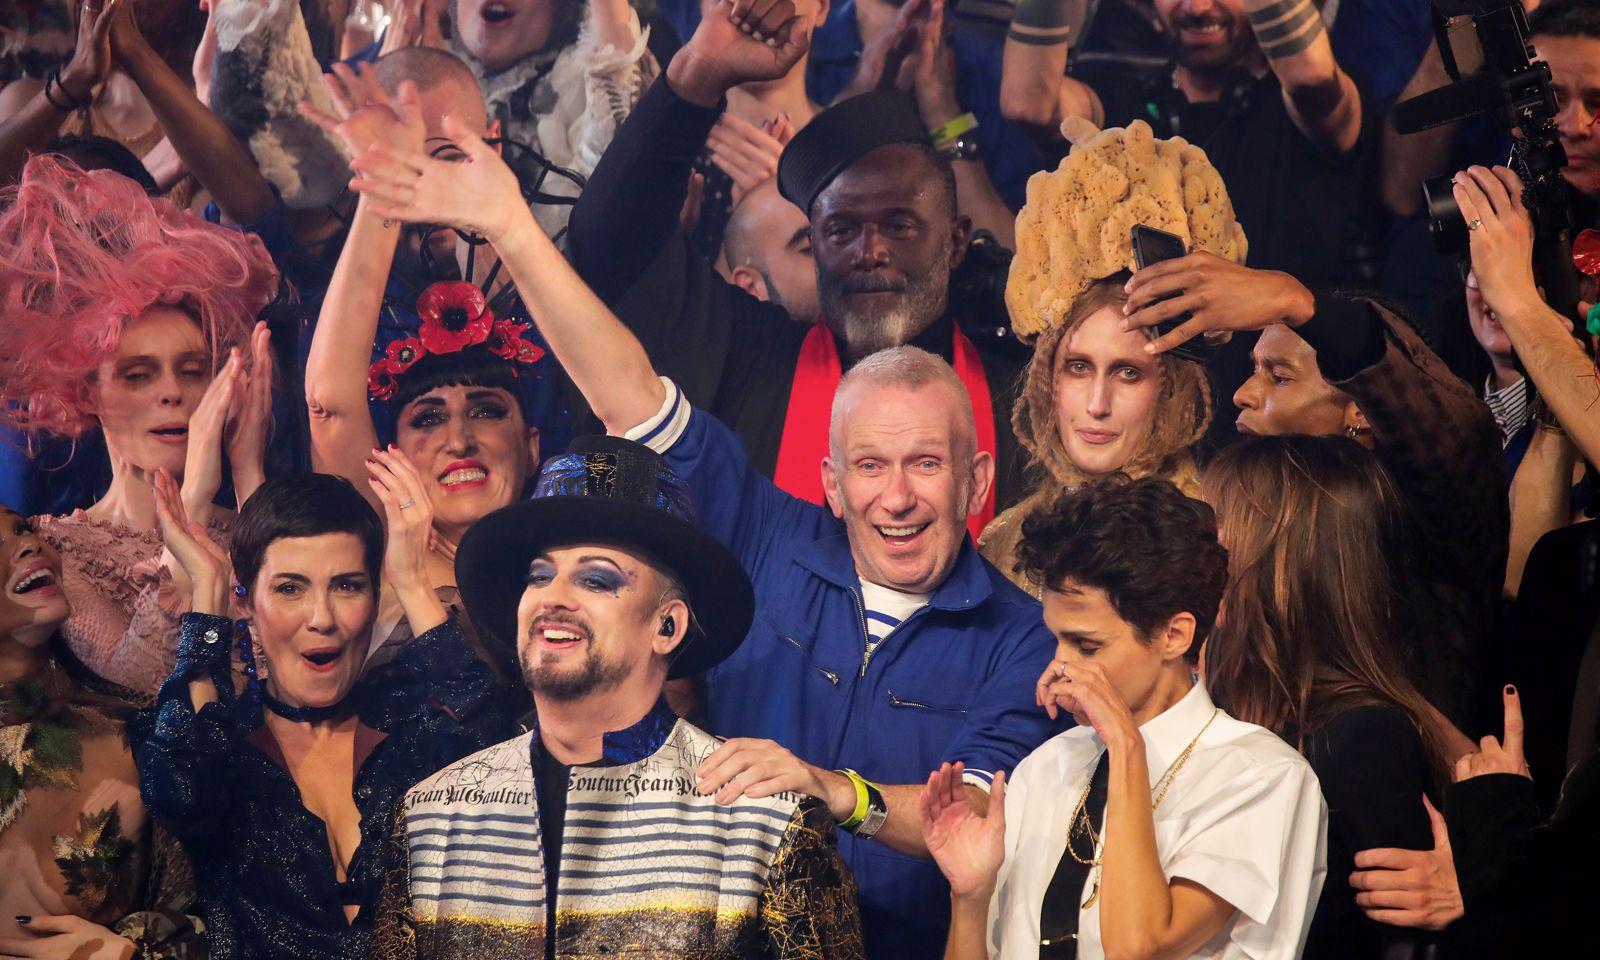 """Gaultier. Nach unglaublichen fünfzig Jahren als Teil der Pariser Modewelt sagte der Couturier zum Abschied leise """"Adieu!""""."""